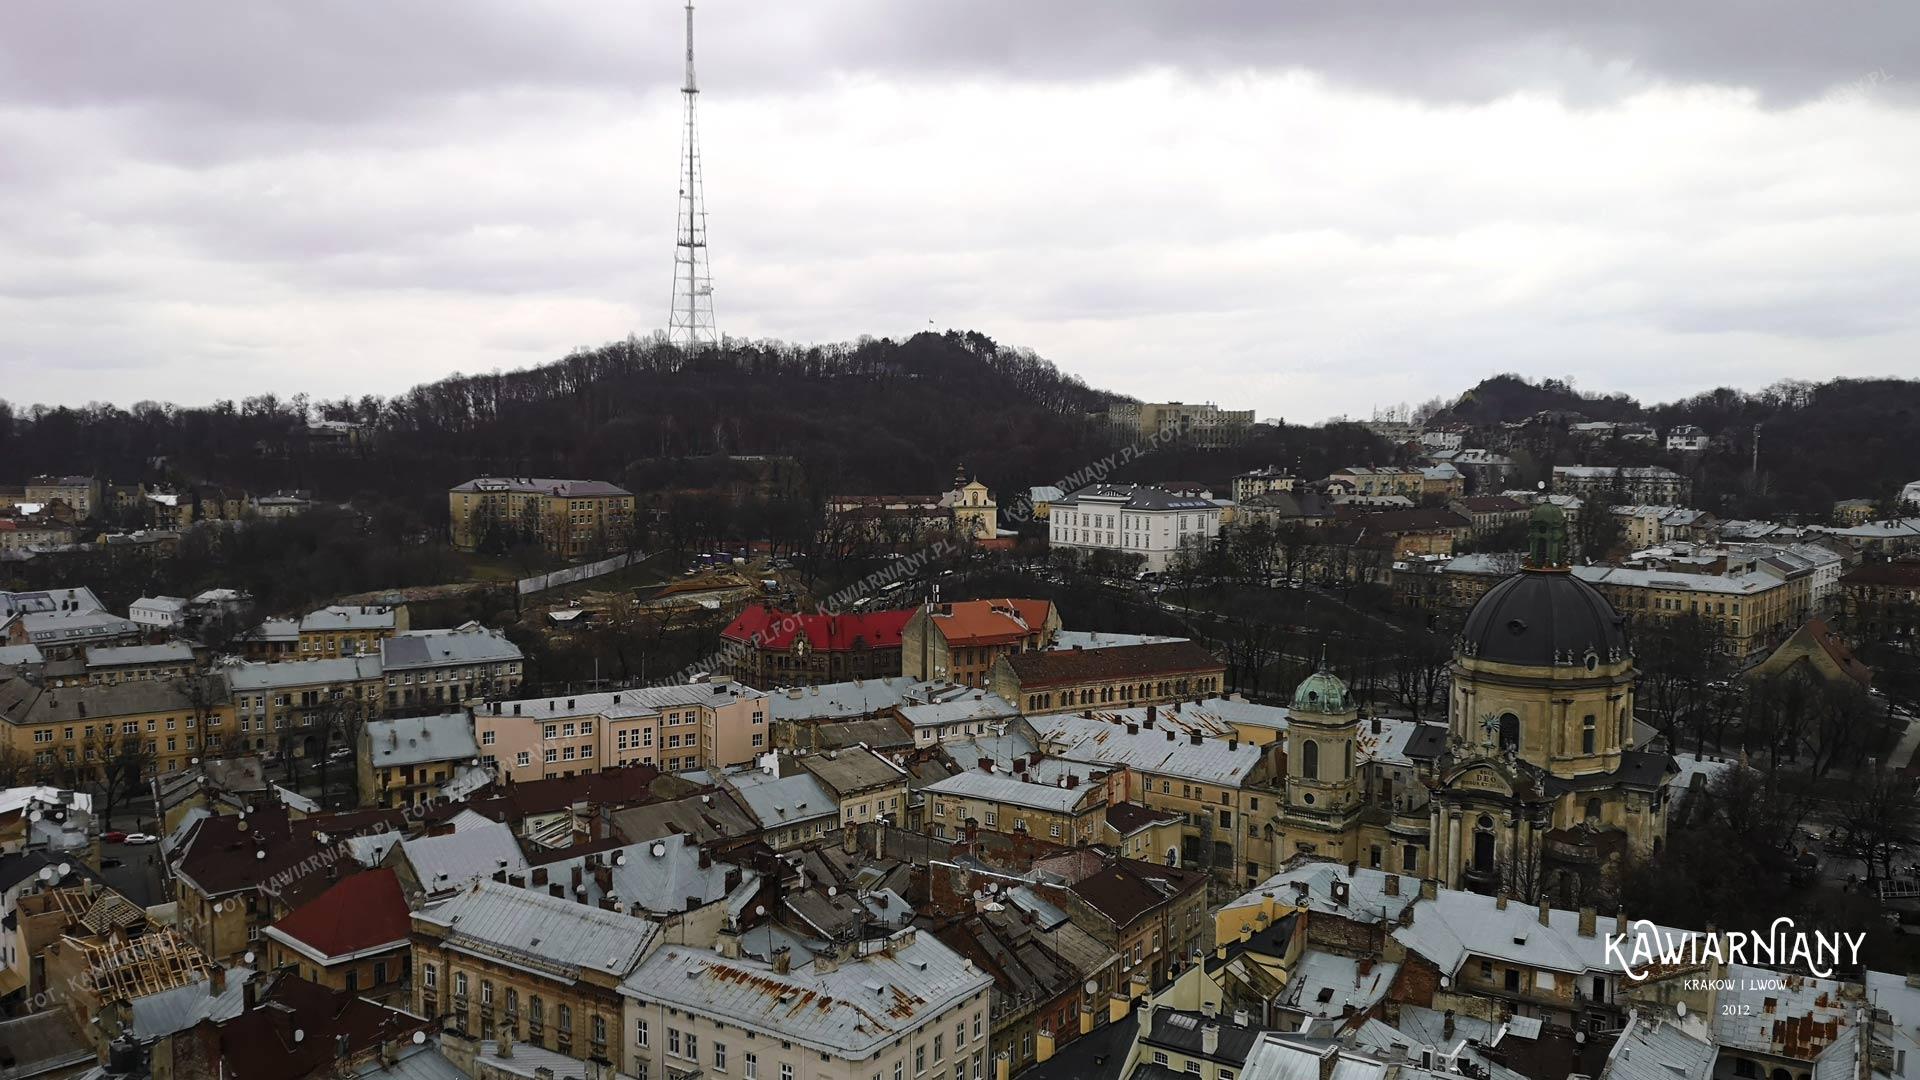 Wycieczka po dachach Lwowa, Kopiec Unii Lubelskiej, Wysoki Zamek Lwów